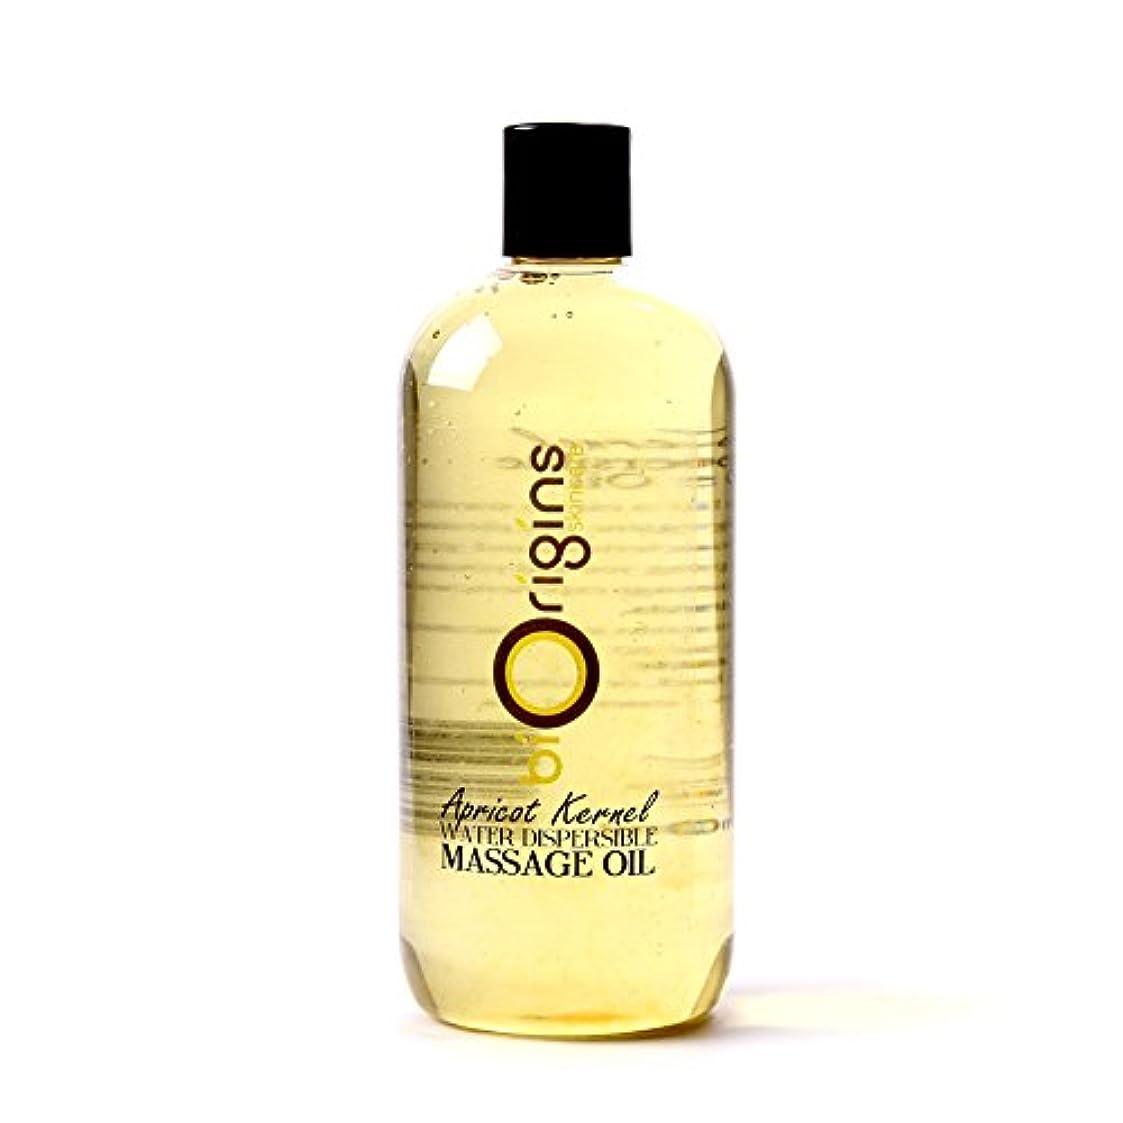 マトリックス花カメApricot Kernel Water Dispersible Massage Oil - 500ml - 100% Pure